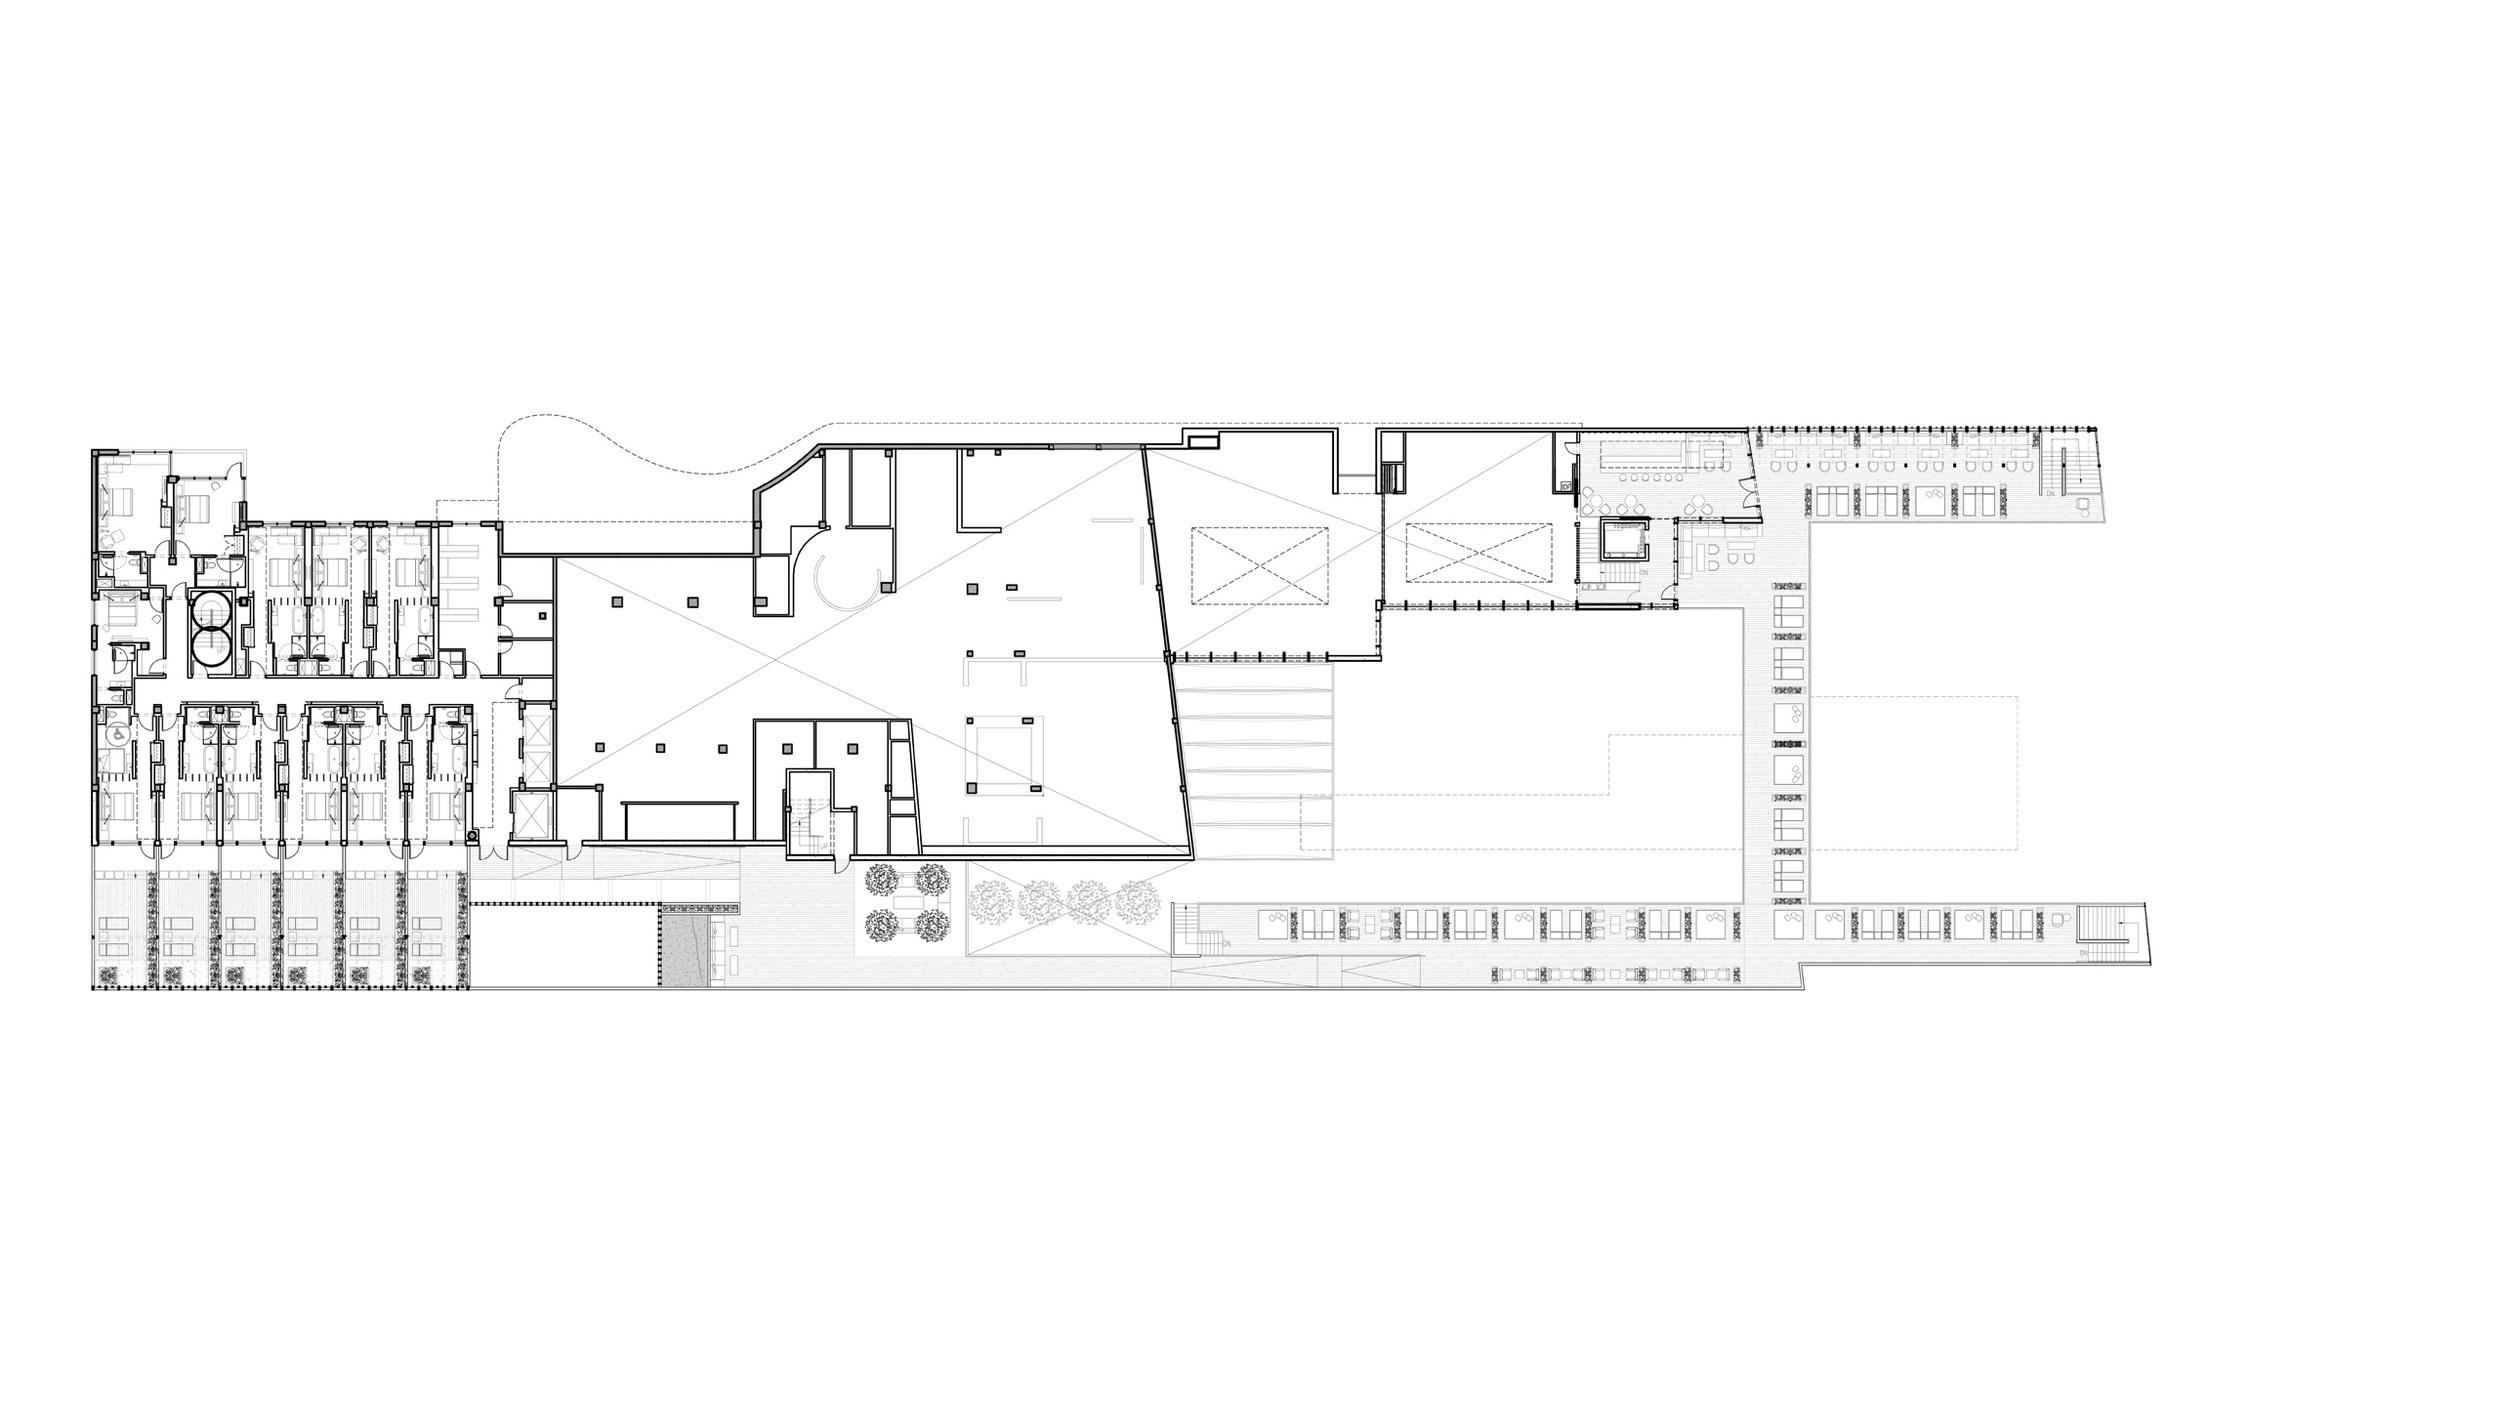 Second Floor, Upper Deck